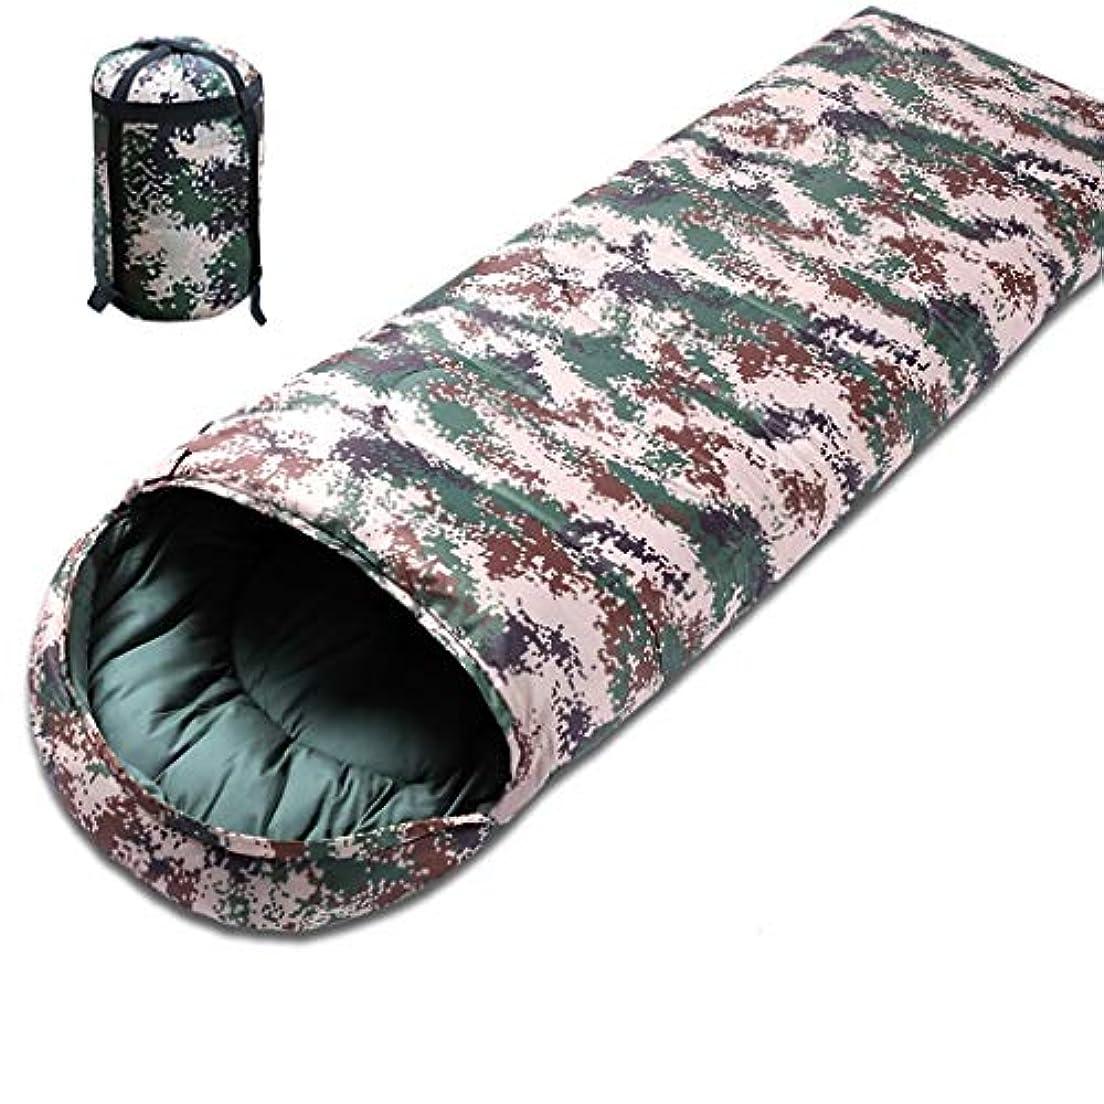 運動する侮辱少なくともYLIAN ダブル寝袋 ハイキングのための圧縮袋、旅行、バックパッキングアウトドアの成人寒冷防水暖かいキャンプバッグコットンスリーピングキルトのための軽量スリーピングバッグ (Color : B)